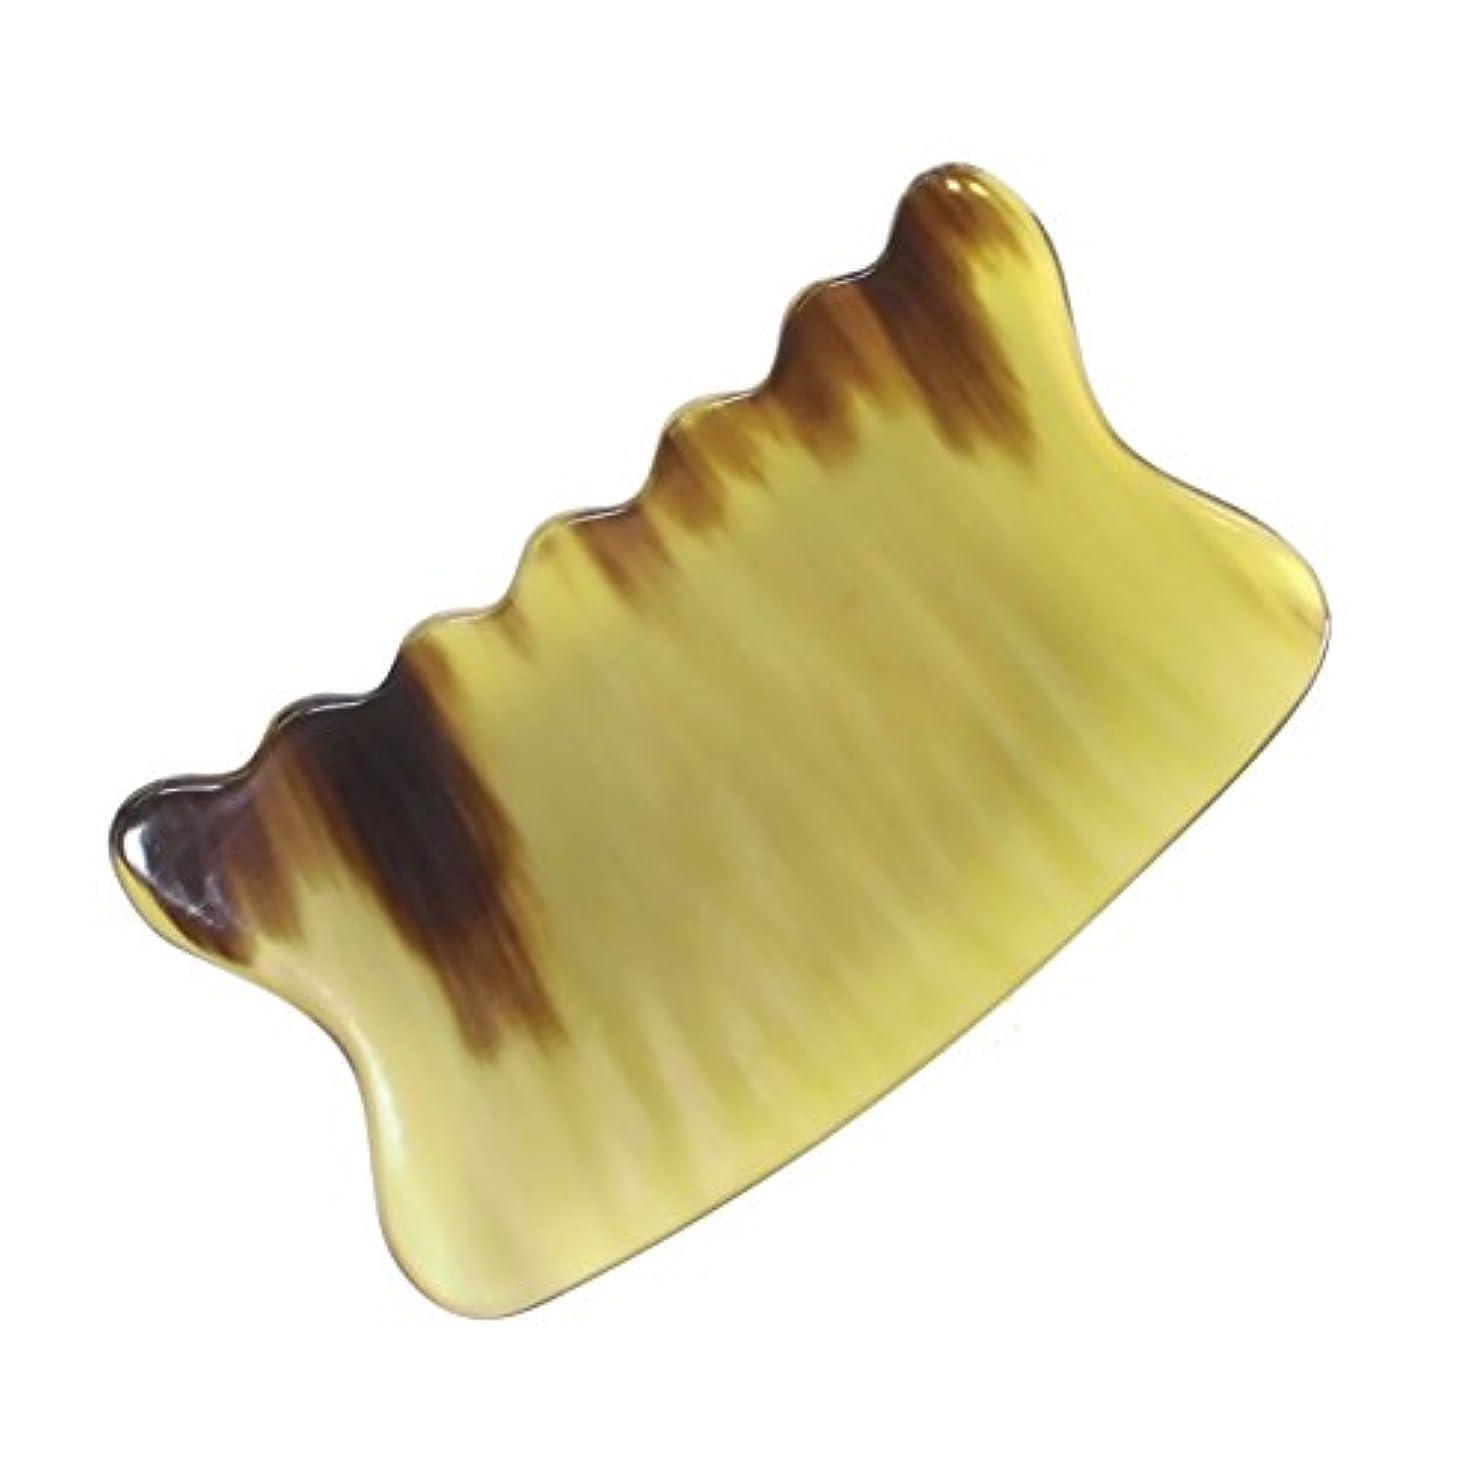 無知偉業通貨かっさ プレート 希少69 黄水牛角 極美品 曲波型